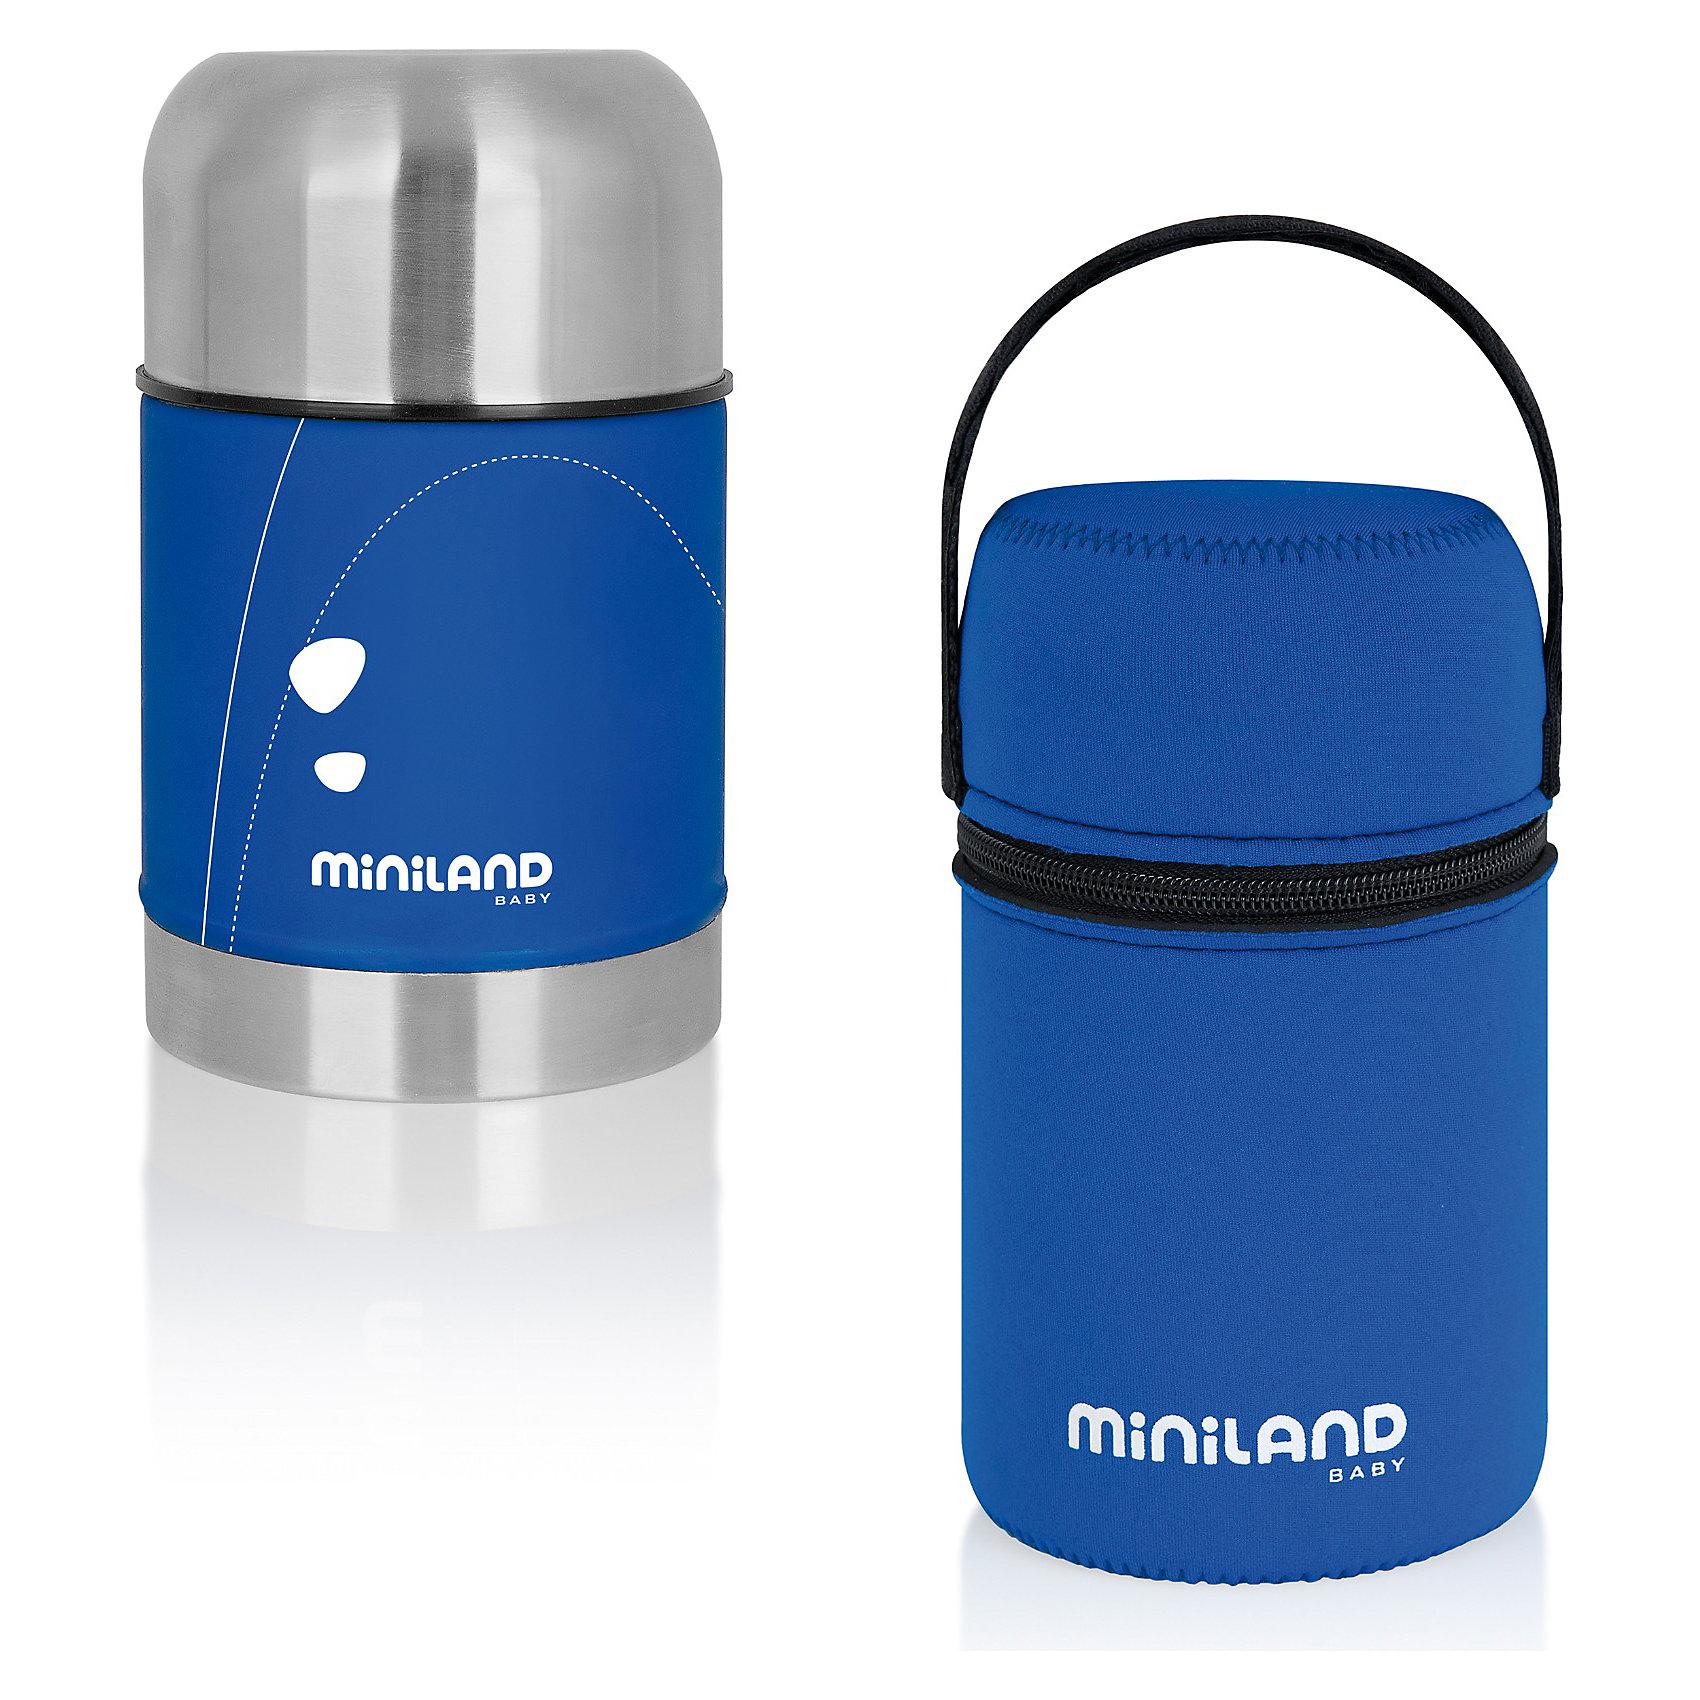 Термос для еды в сумке Miniland SOFT THERMO FOOD 600 мл, синийТермосумки и термосы<br>Детский термос для жидкой и твердой пищи от компании Miniland имеет мягкую прорезиненную, очень приятную на ощупь поверхность. Каркас термоса и крышка сделаны из нержавеющей стали, устойчивой к падениям и ударам, легко моются. Термос поддерживает температуру пищи в течение длительного периода времени. Закрывается при помощи плотно завинчивающейся крышки и колпачка, который можно использовать в качестве посуды для кормления. Термос компактный и легкий, в комплекте с удобной сумкой для транспортировки, которая помогает дольше сохранить тепло. С помощью липучки ее можно пристегнуть к коляске или сумке. Прекрасный вариант для поездок и путешествий. <br><br>Дополнительная информация:<br><br>-  Объем: 600 мл.<br>- Материал: нержавеющая сталь, резина, пластик, текстиль.<br>- Цвет: синий.<br>- Высота термоса: 17,5 см.<br>- Комплектация: термос, сумка. <br> <br>Термос для еды в сумке Miniland SOFT THERMO FOOD 600 мл, синий, можно купить в нашем магазине.<br><br>Ширина мм: 201<br>Глубина мм: 116<br>Высота мм: 114<br>Вес г: 615<br>Возраст от месяцев: 0<br>Возраст до месяцев: 23<br>Пол: Унисекс<br>Возраст: Детский<br>SKU: 3288448